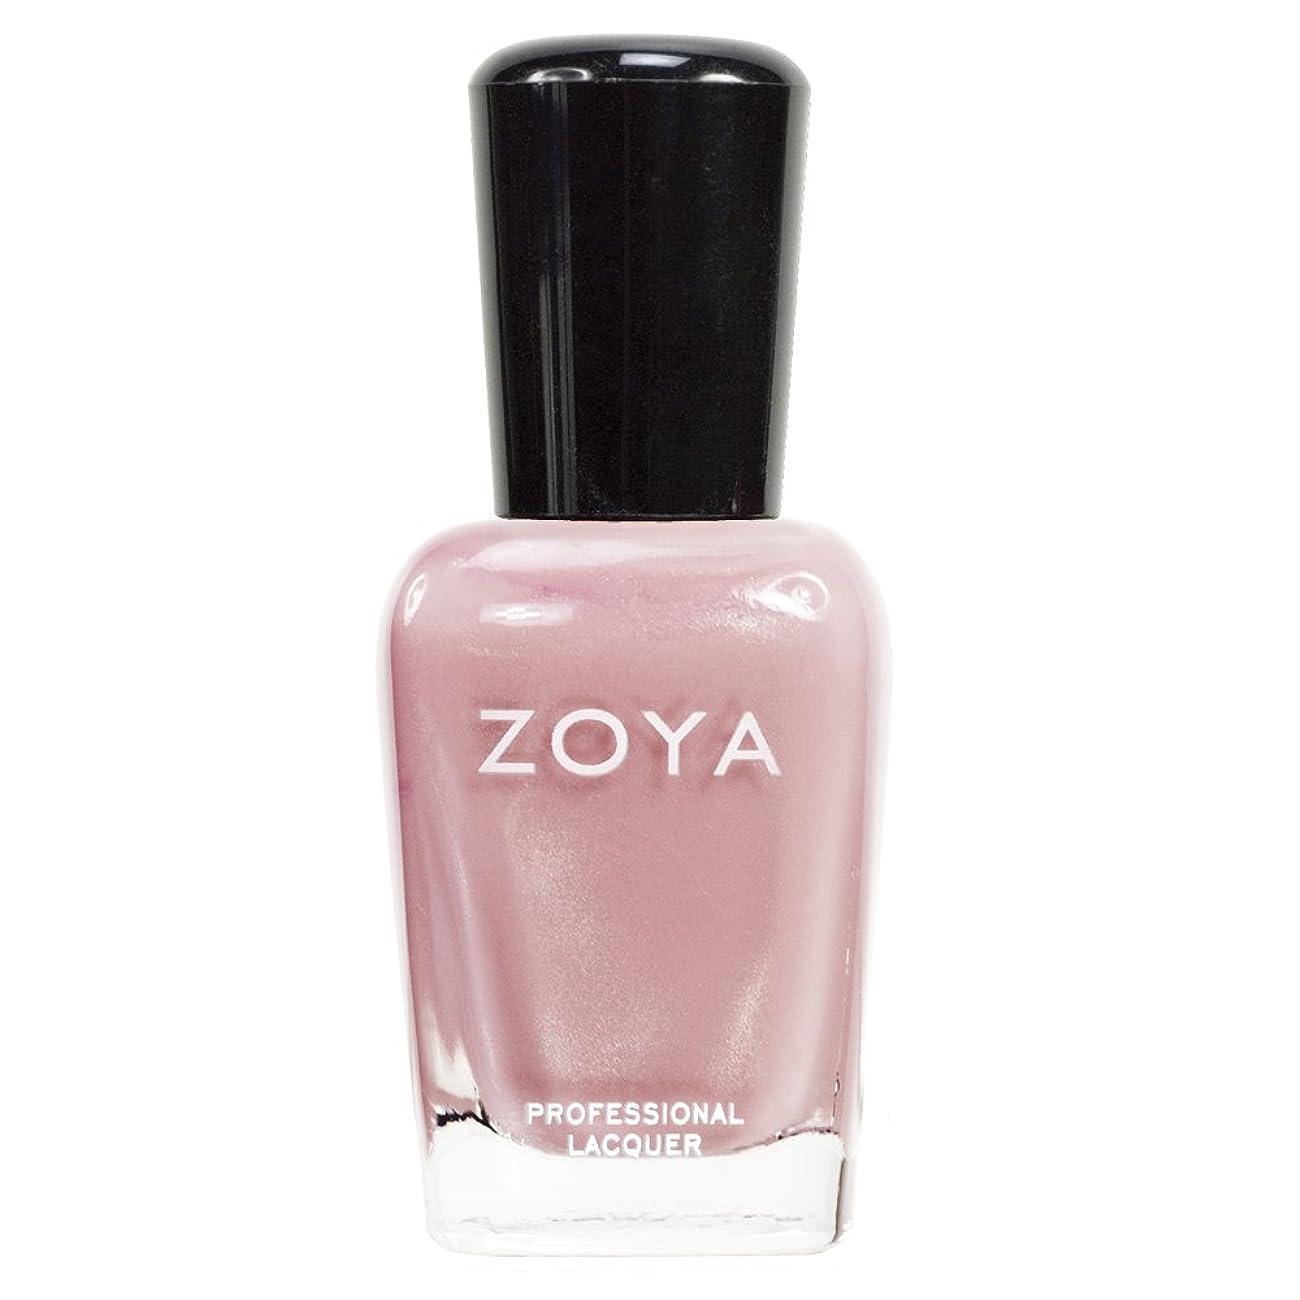 エミュレーション不格好地元ZOYA ゾーヤ ネイルカラーZP351 SALLY サリー 15ml ほんのり色づくピンク シアー?パール/メタリック 爪にやさしいネイルラッカーマニキュア